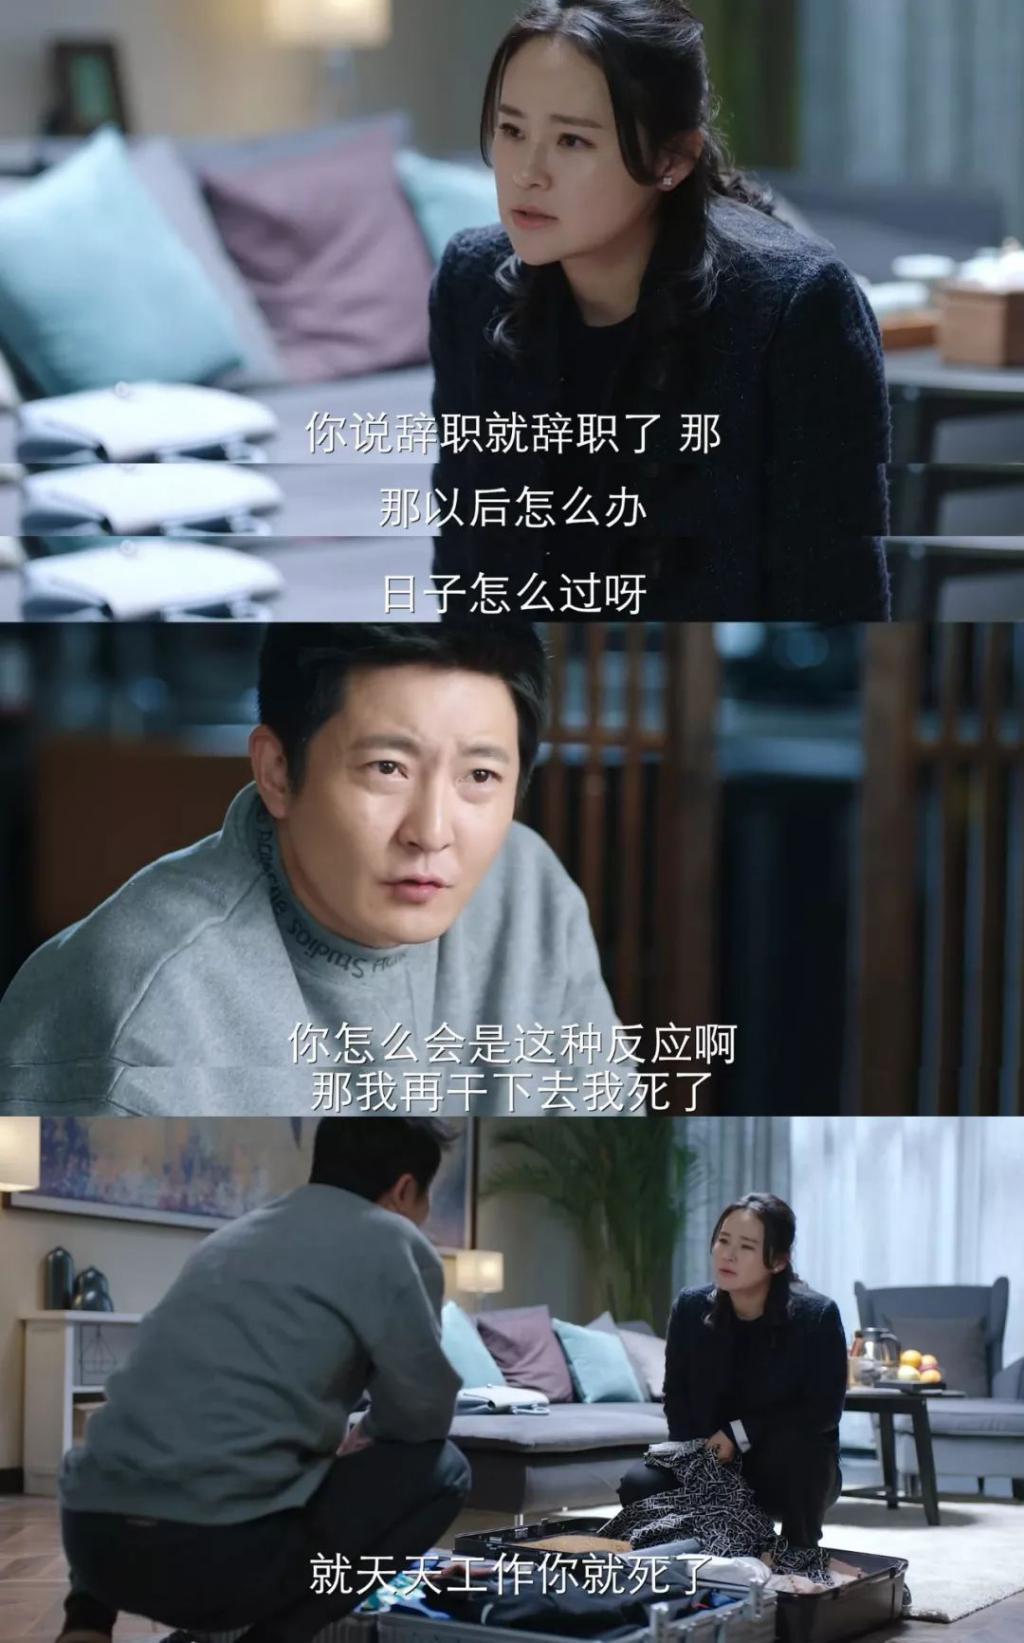 婚姻取证调查_调查老婆出轨证据_广州出轨调查取证